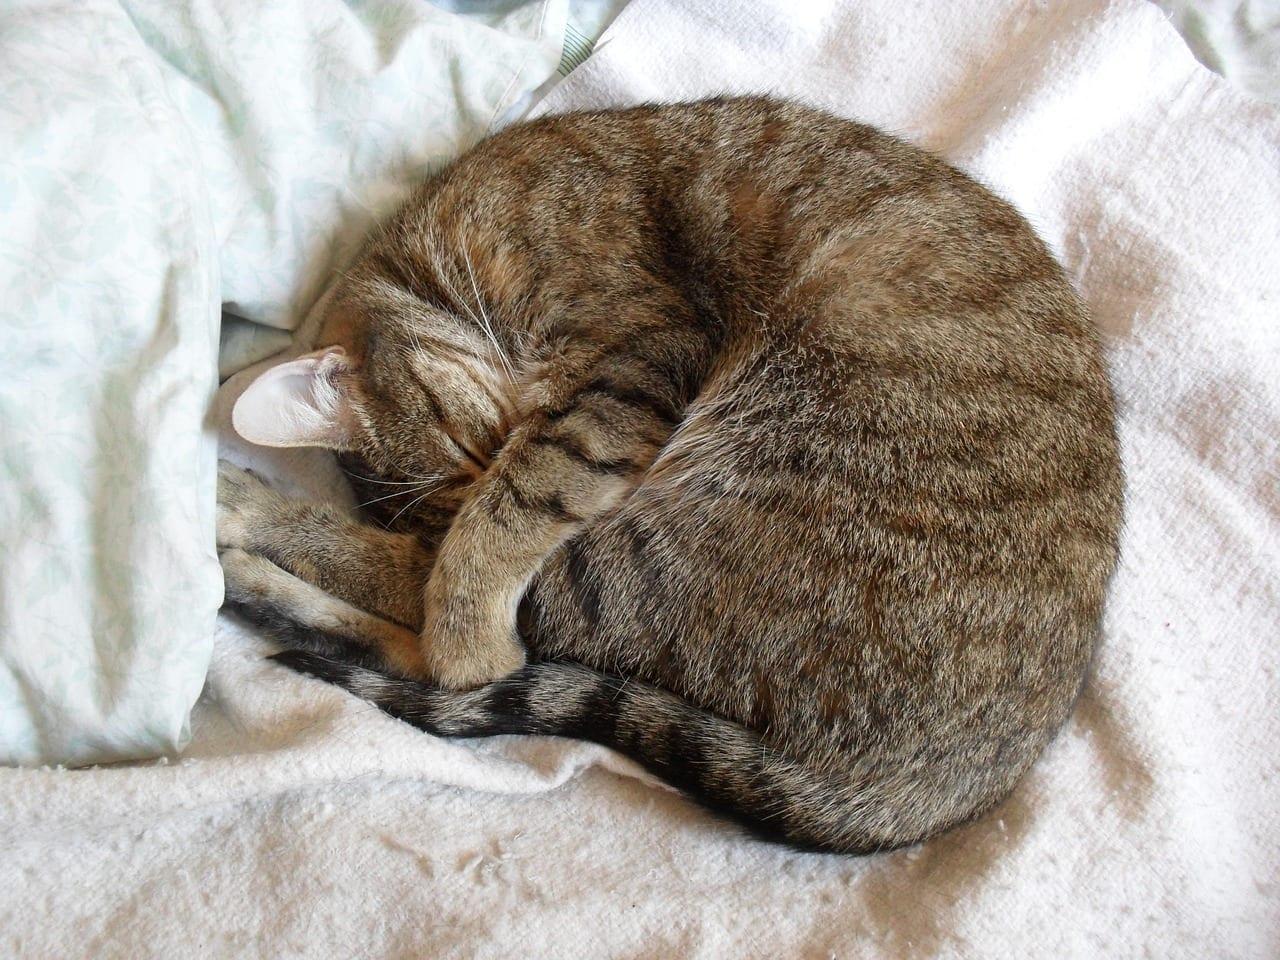 Gato durmiendo con la cara tapada